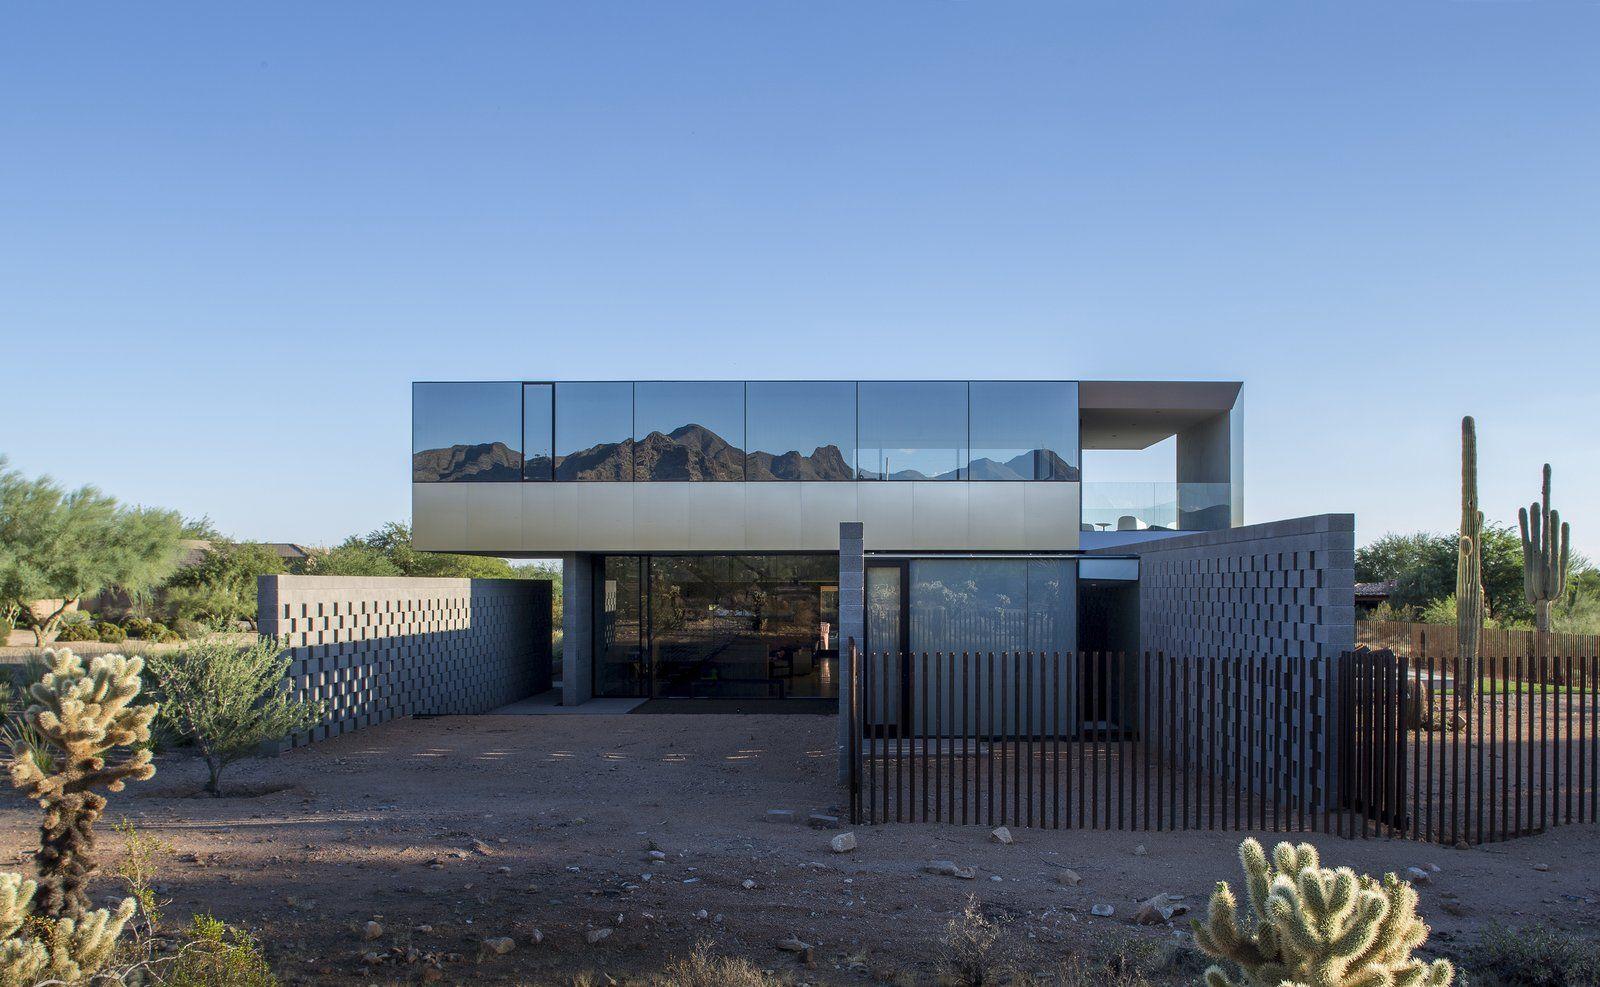 Modern Desert Homes By Erika Heet From This Sleek Desert Home Seemsu2026